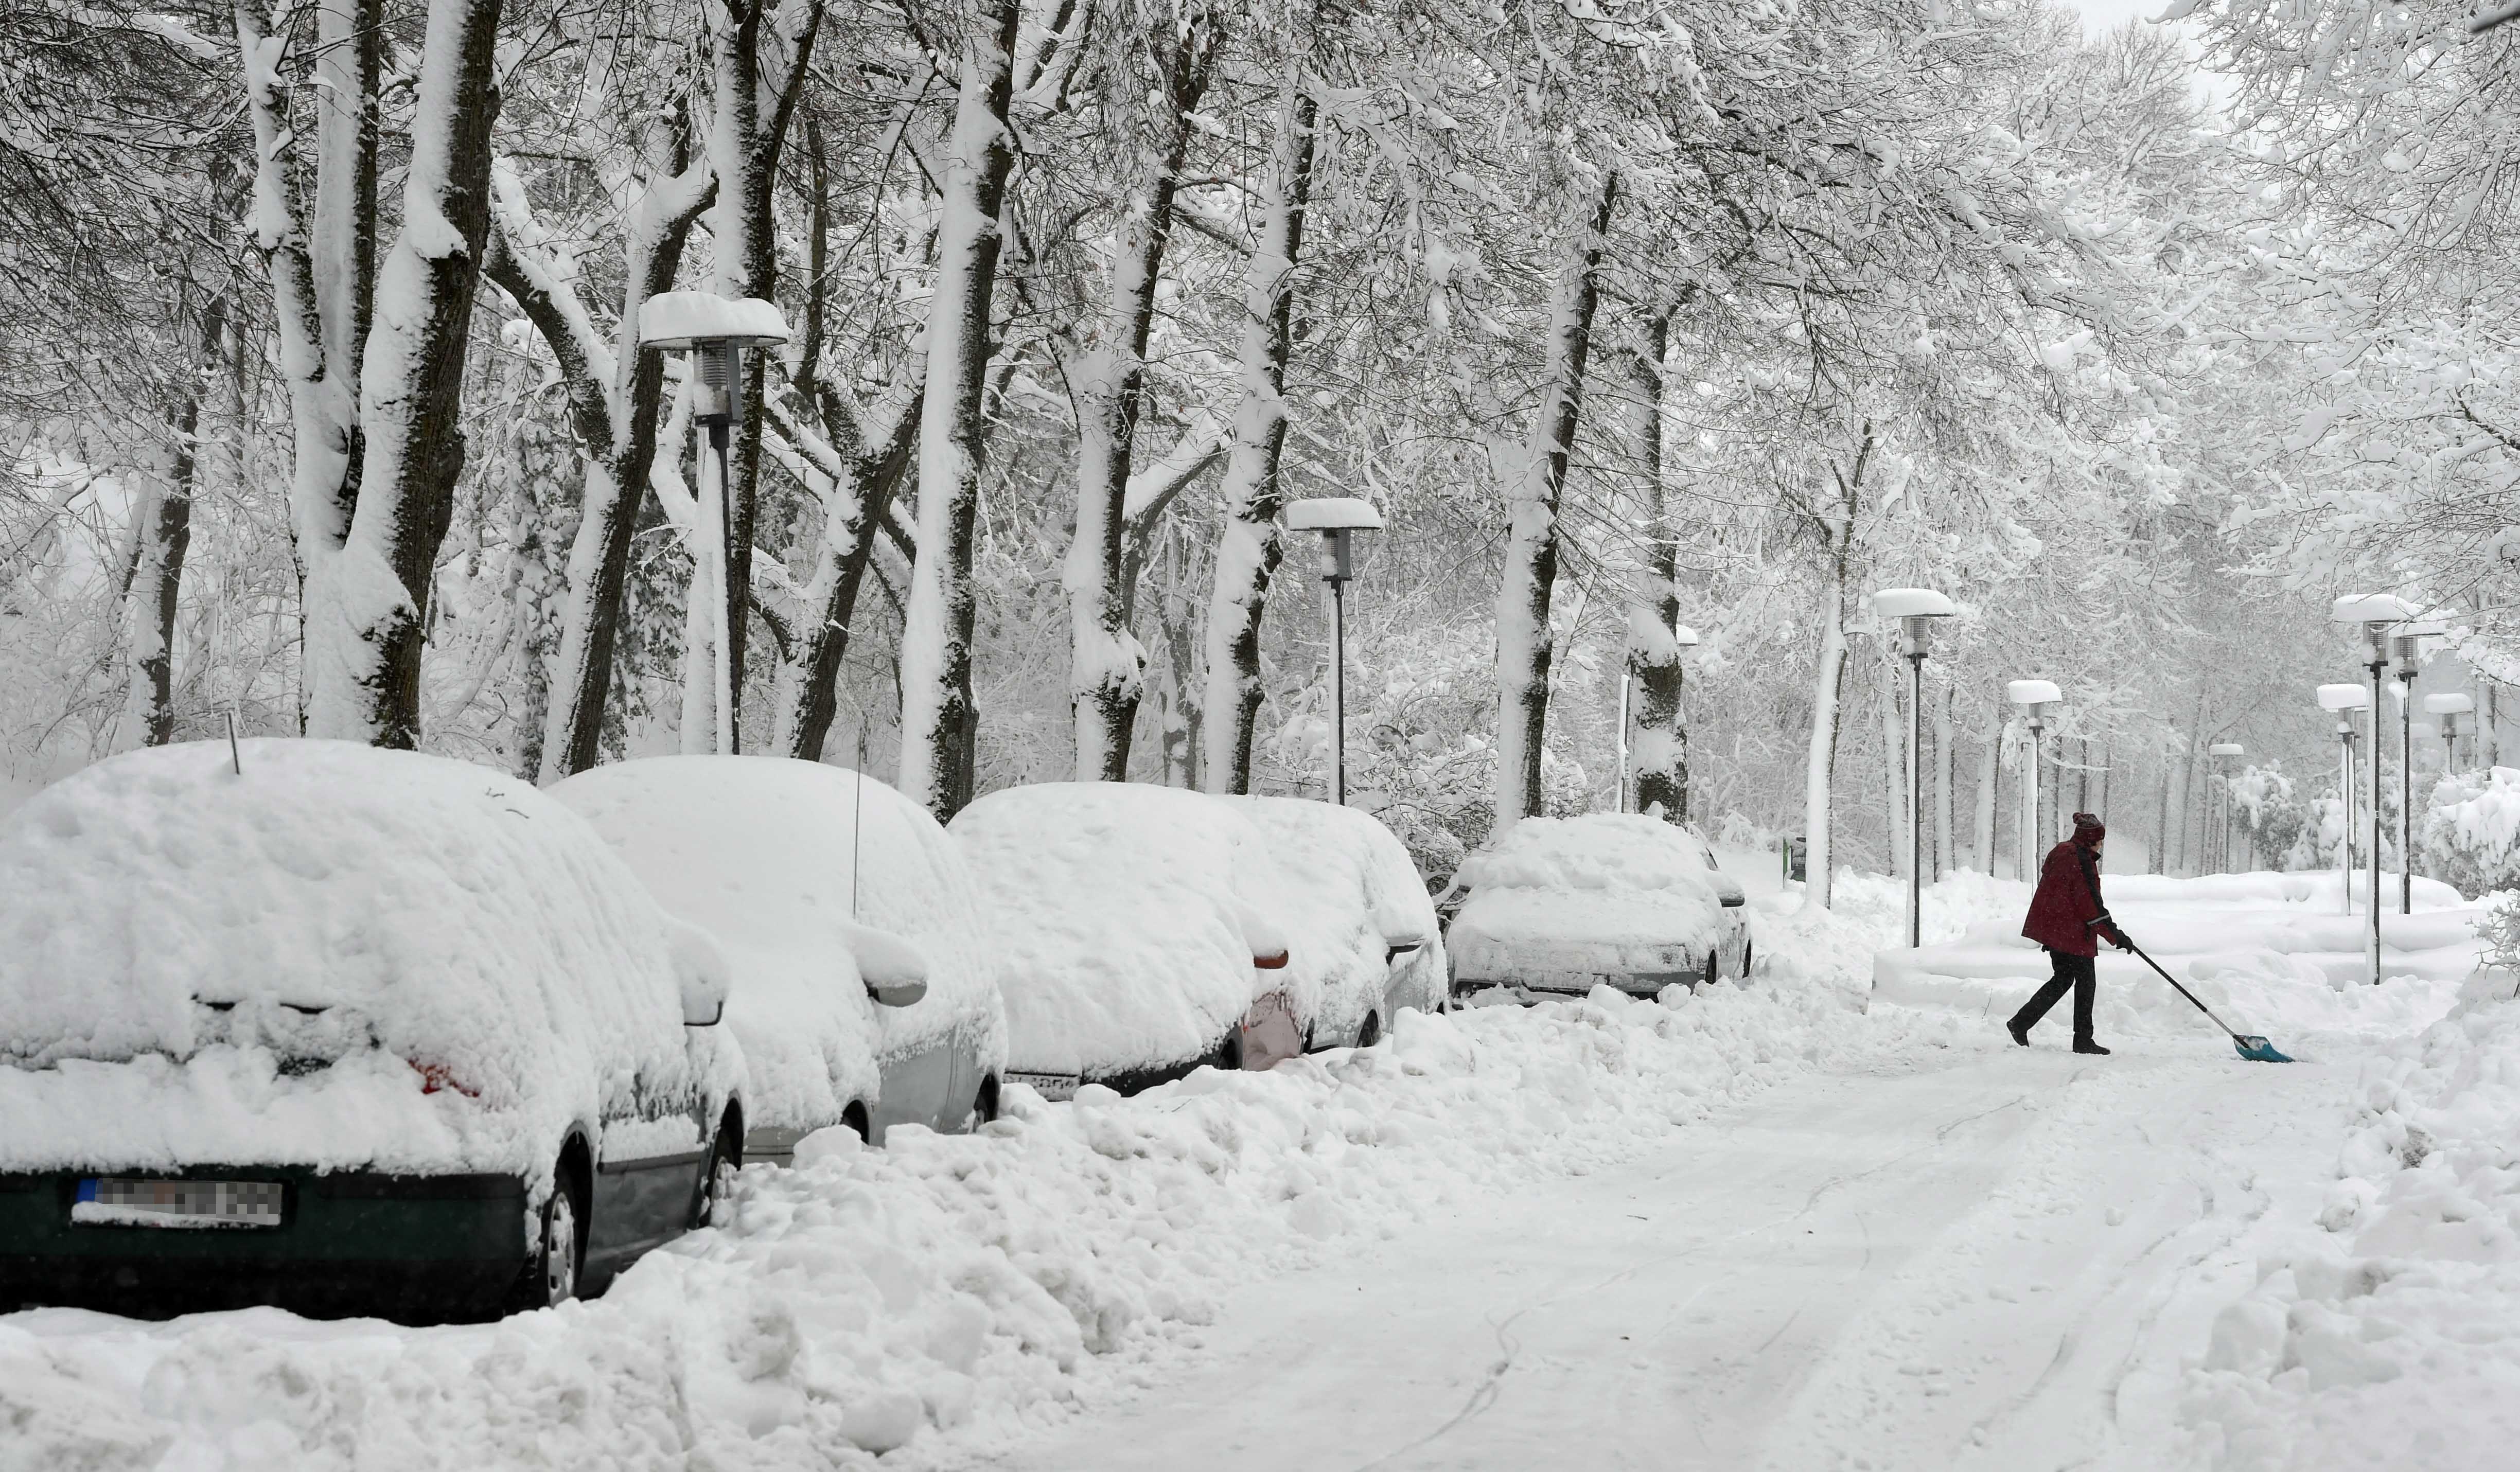 歐洲多國降罕見大雪 交通受阻學校關閉